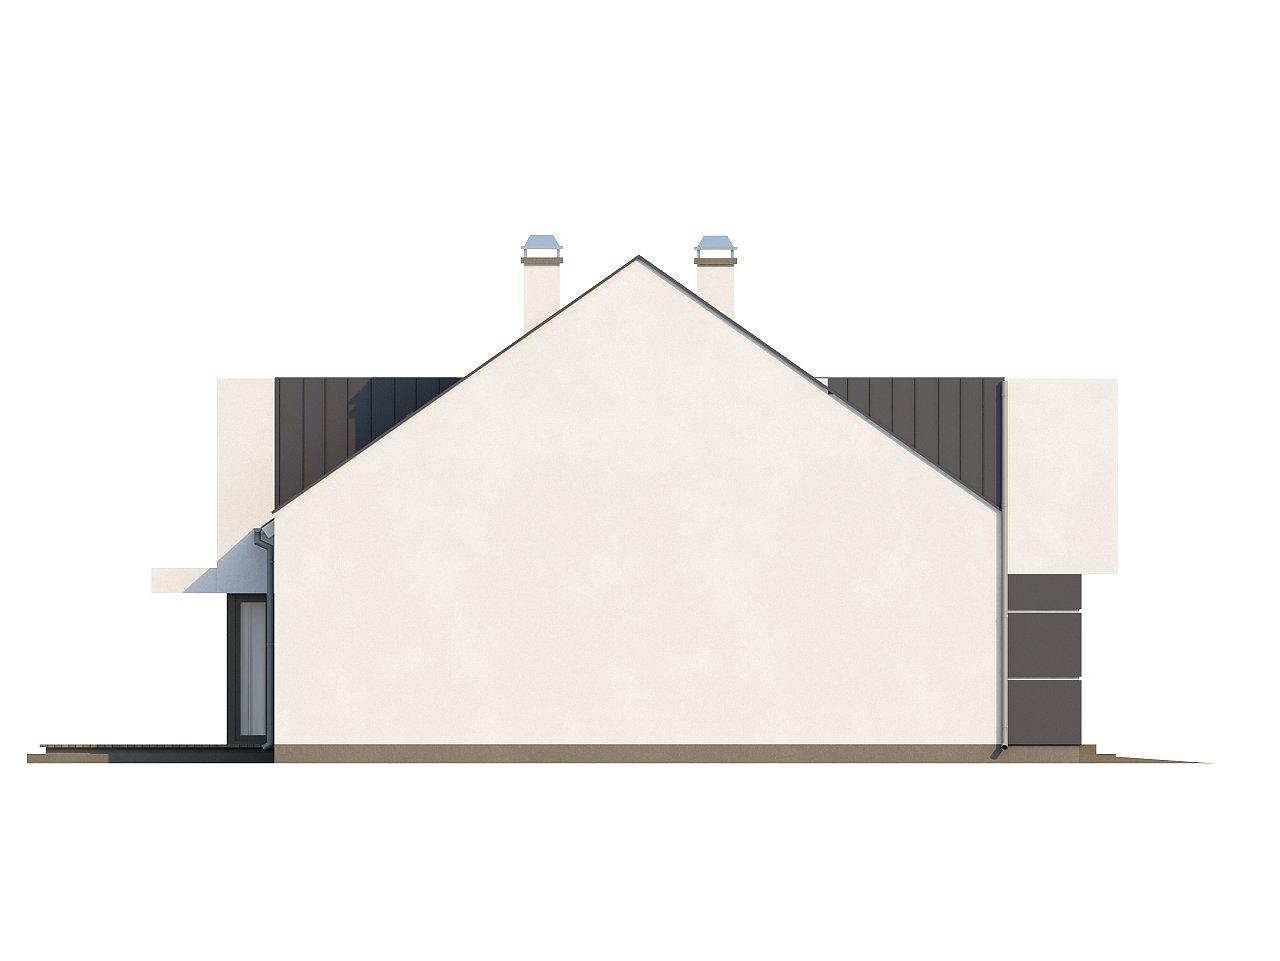 Современный дом с уютным и функциональным интерьером. Интересное сочетание двускатной крыши и кубических форм. - фото 23